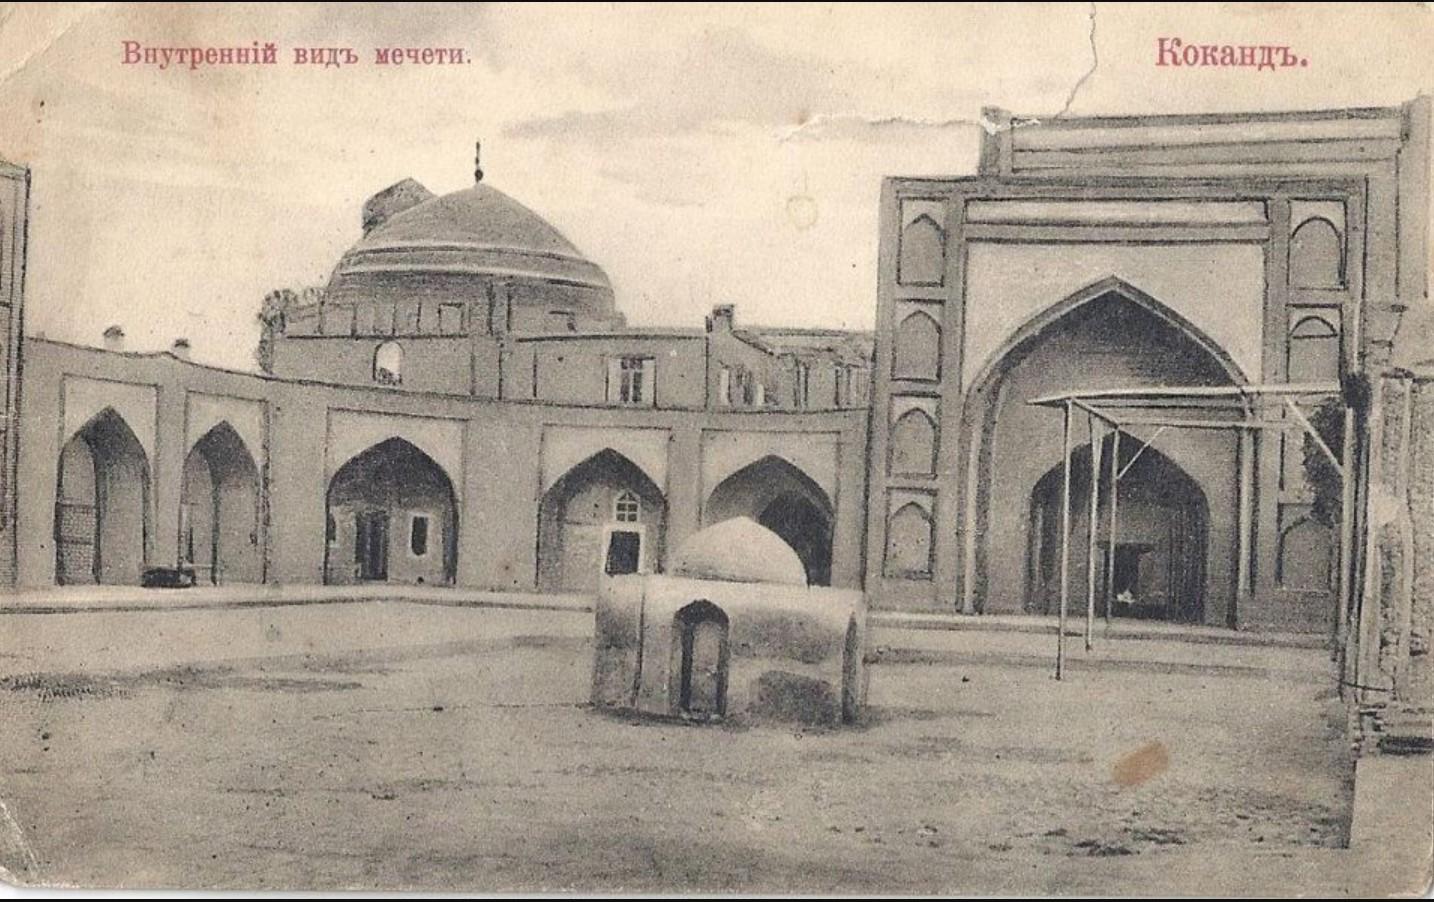 Внутренний вид мечети